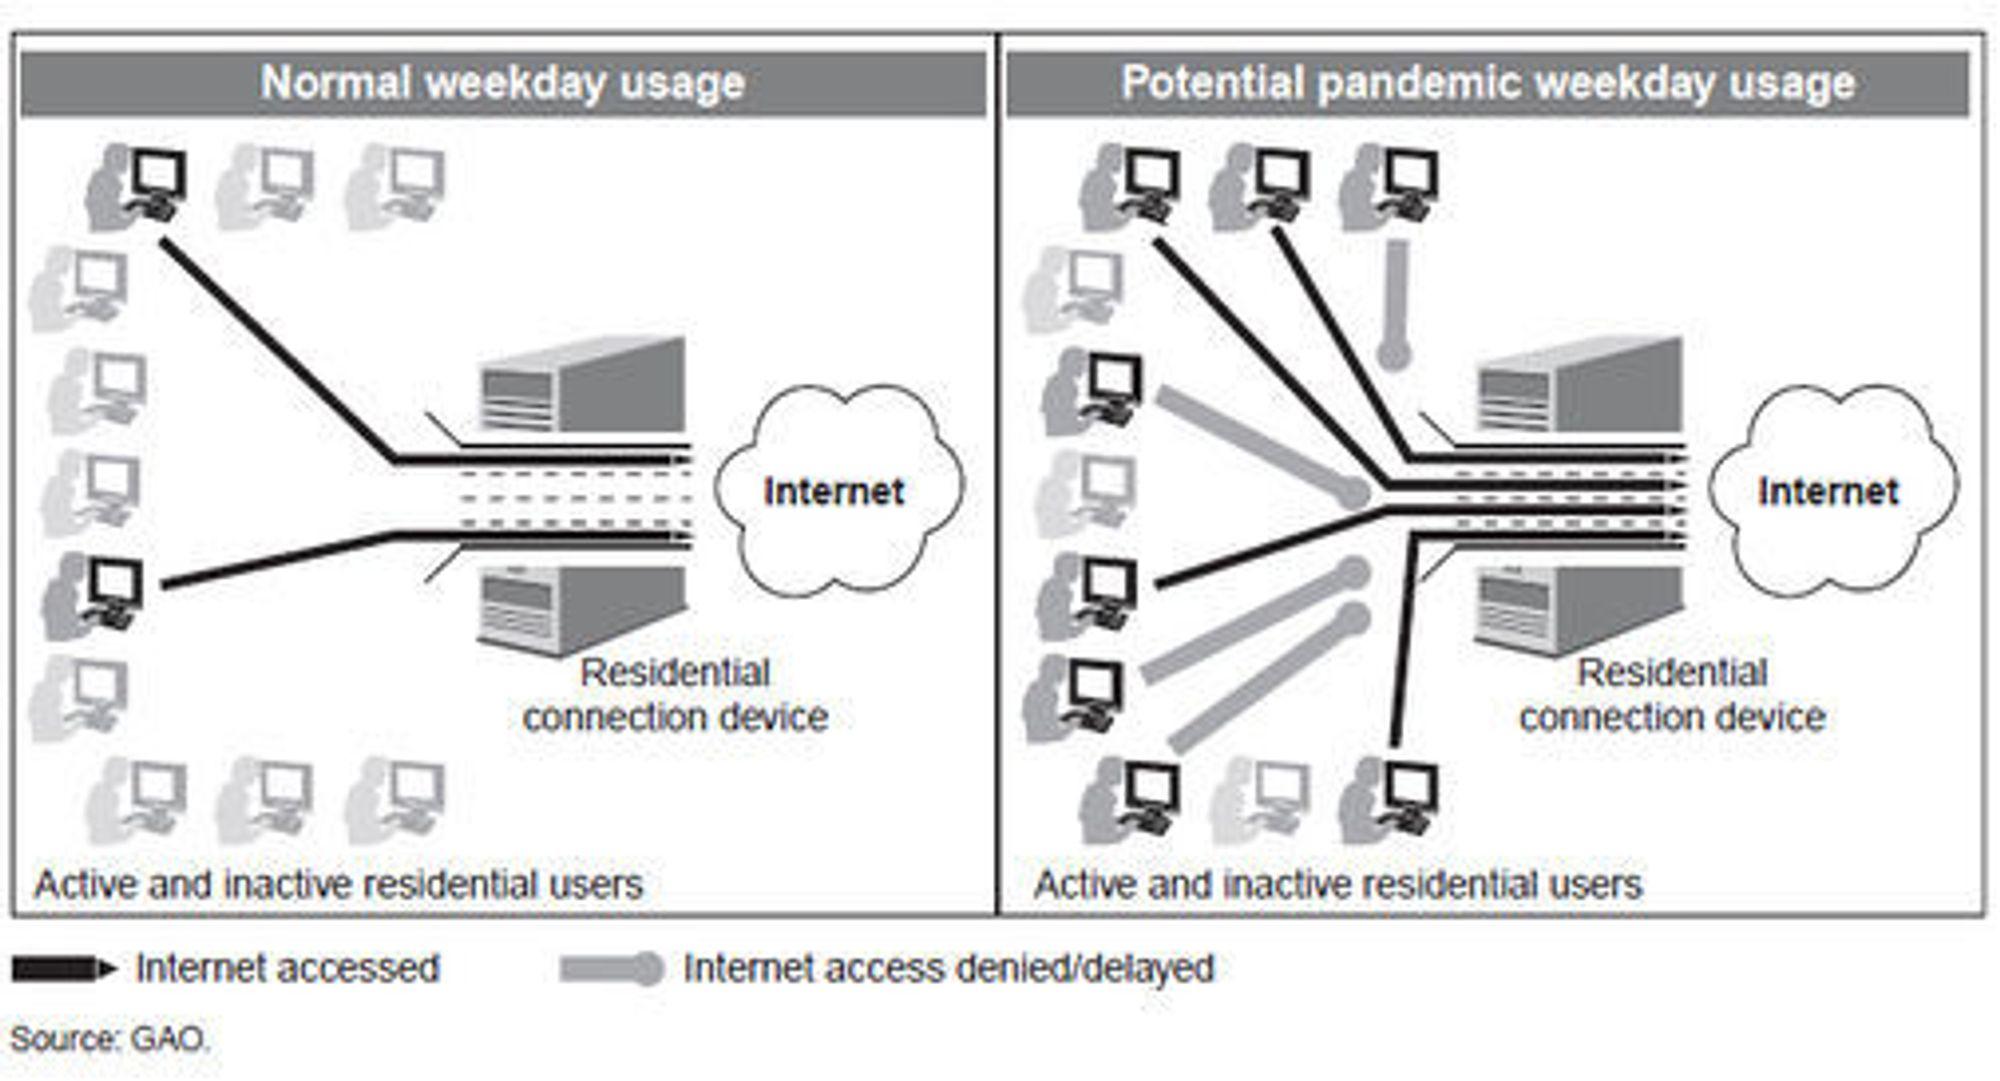 Det kan vise seg at kapasiteten i dagens bredbåndsnett ikke er tilstrekkelig til å håndtere en kraftig økning i Internett-bruken i boliger på dagtid i forbindelse med en pandemi.